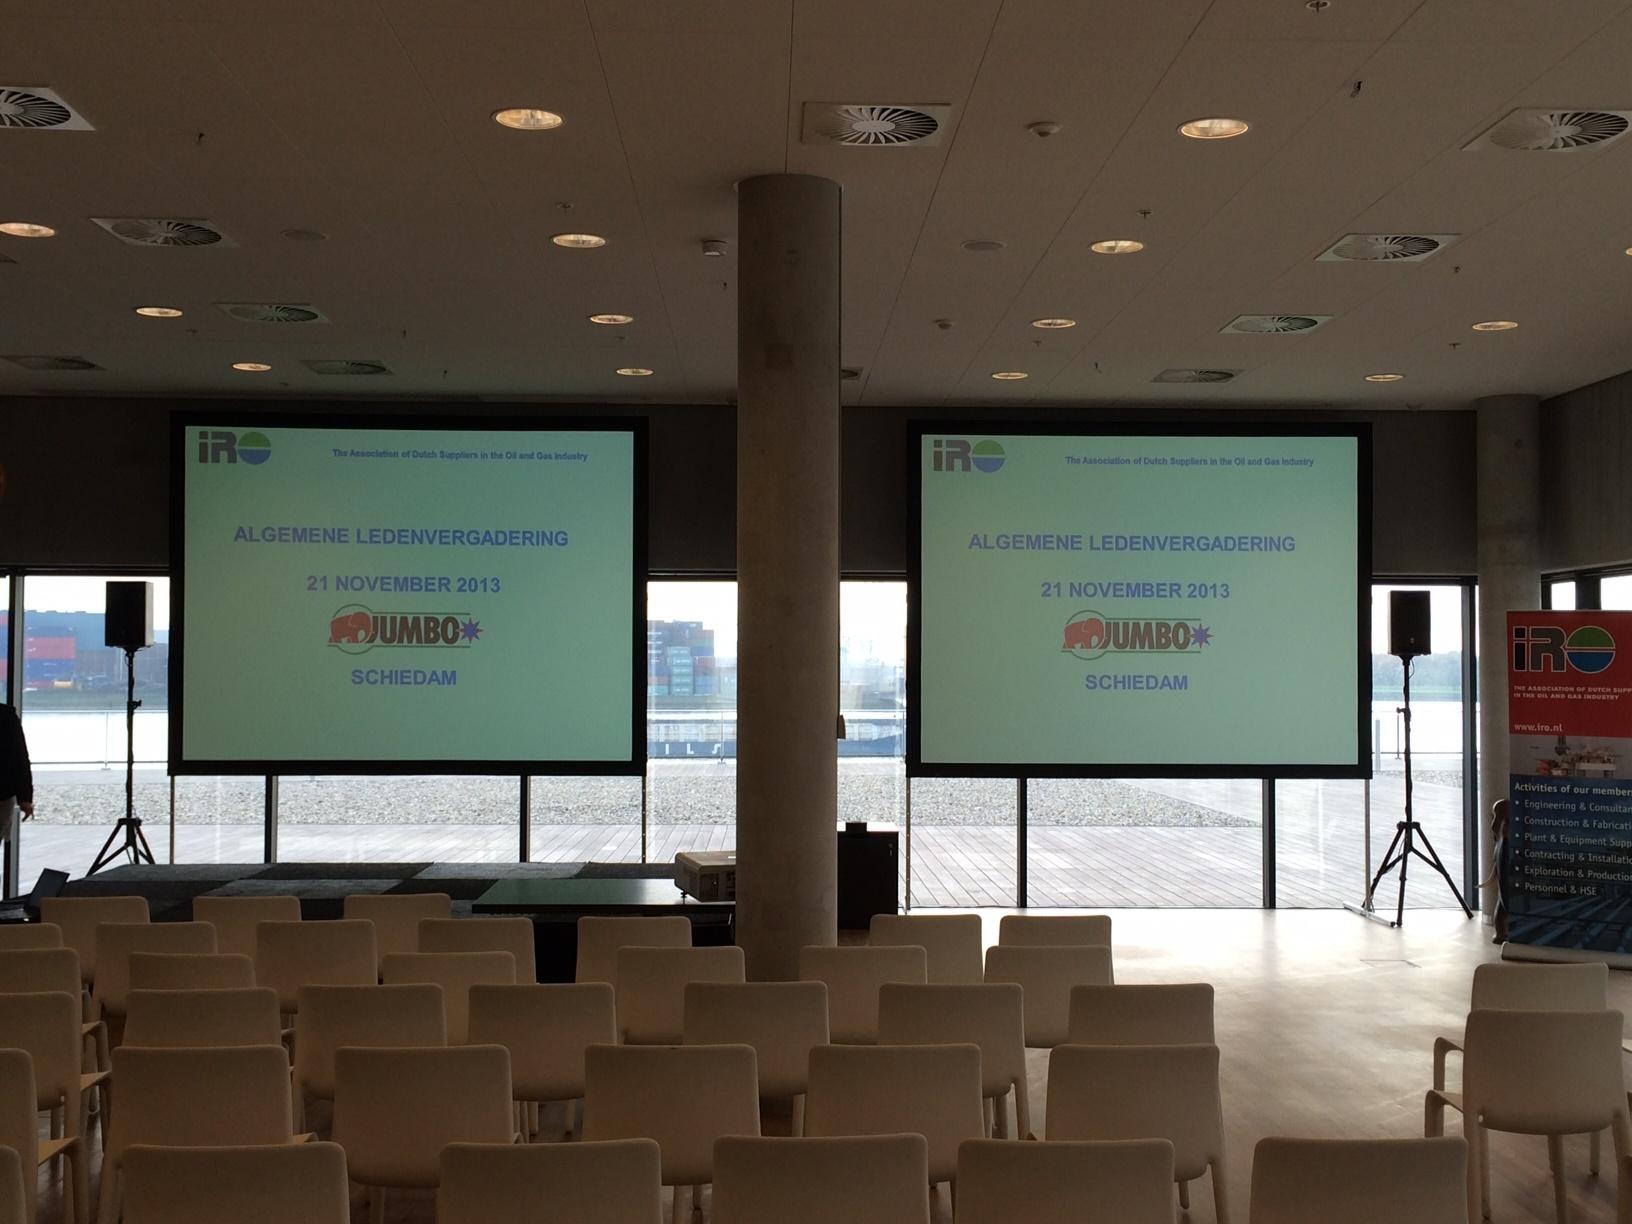 Ledenvergadering-Jumbo-Maritime-te-Rotterdam-Beamerhuren